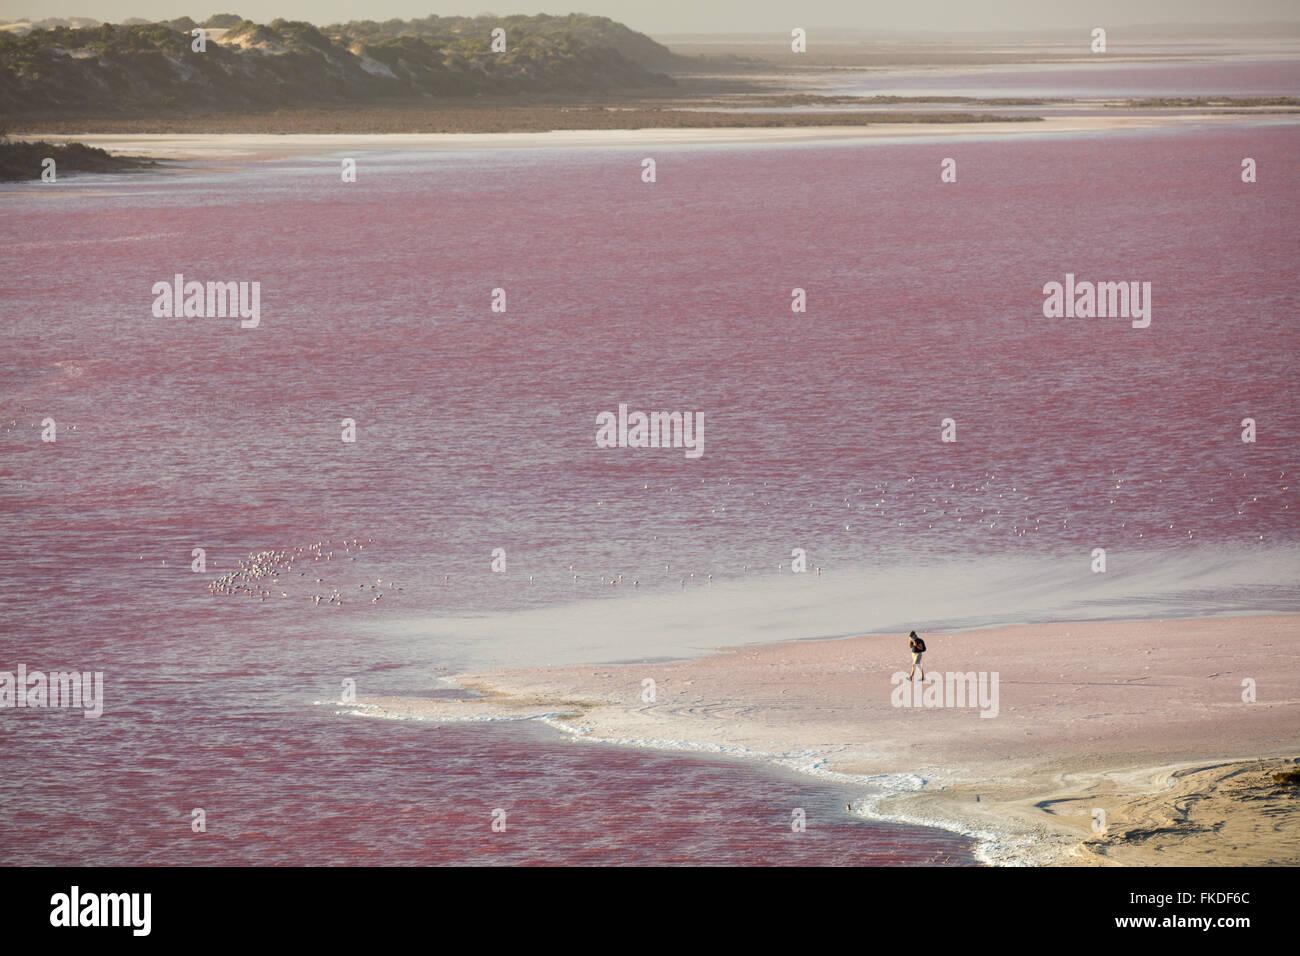 Wendy marcher courageusement sur les rives du Lagon à Hutt rose Port Gregory, l'ouest de l'Australie Photo Stock